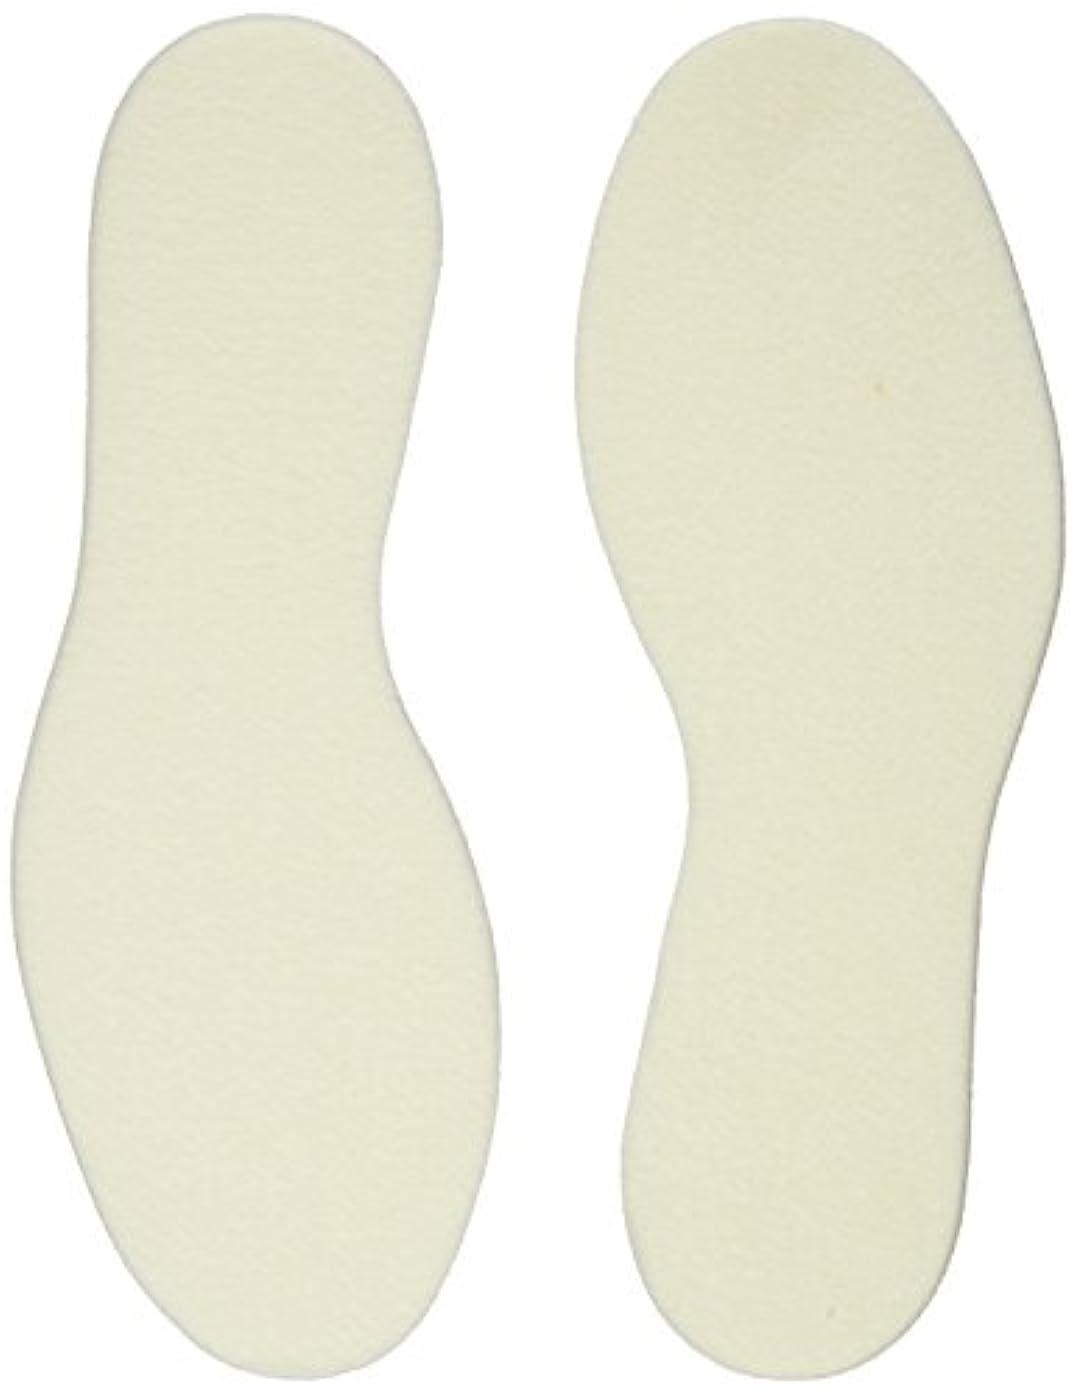 嫌悪火曜日おコロンブス 長靴快適インソール フリーサイズ(22.0~28.0cm)